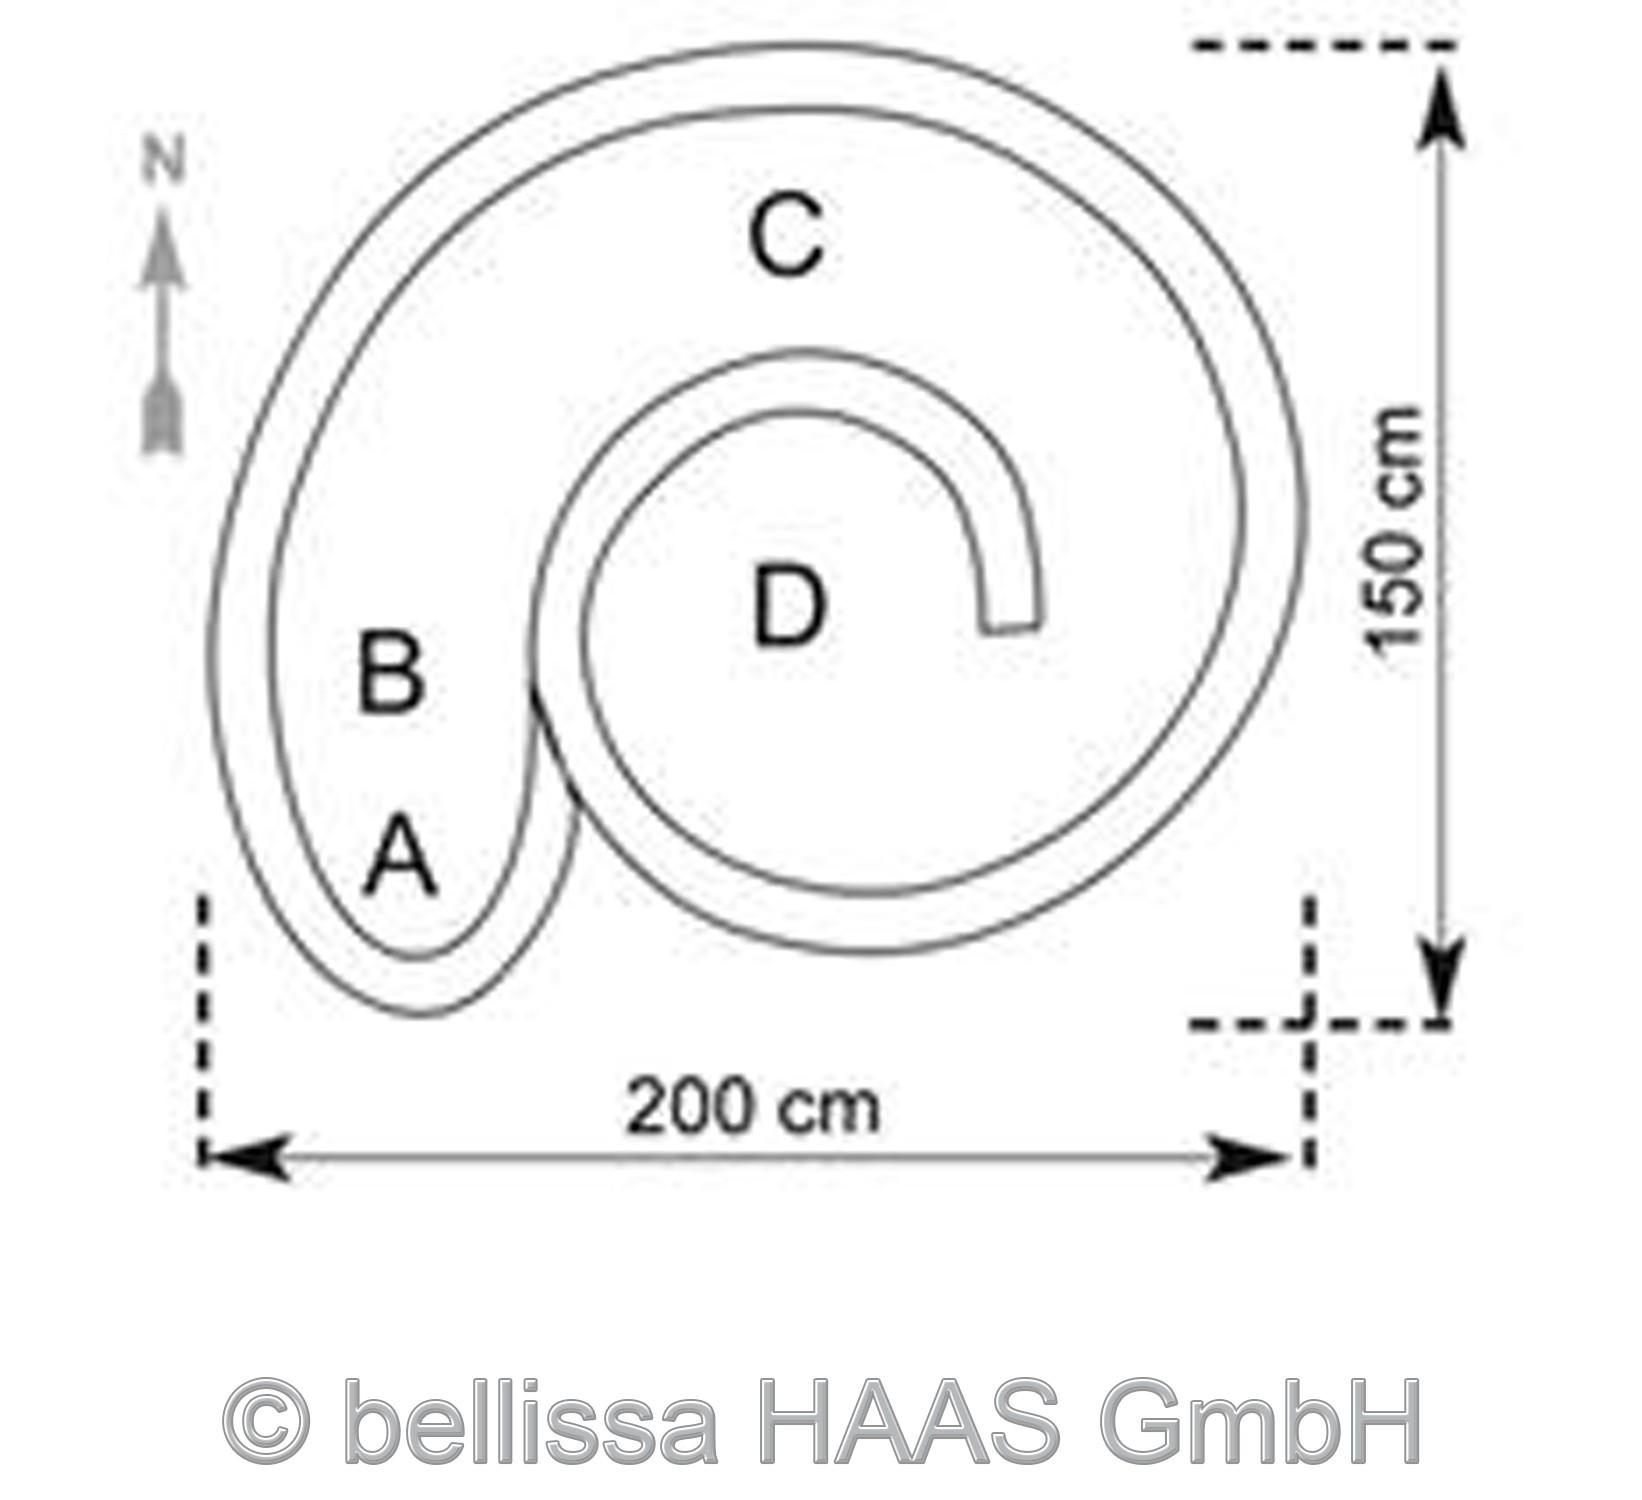 Kräuterspirale / Kräuterschnecke Steinkorb bellissa 200x150cm Bild 2